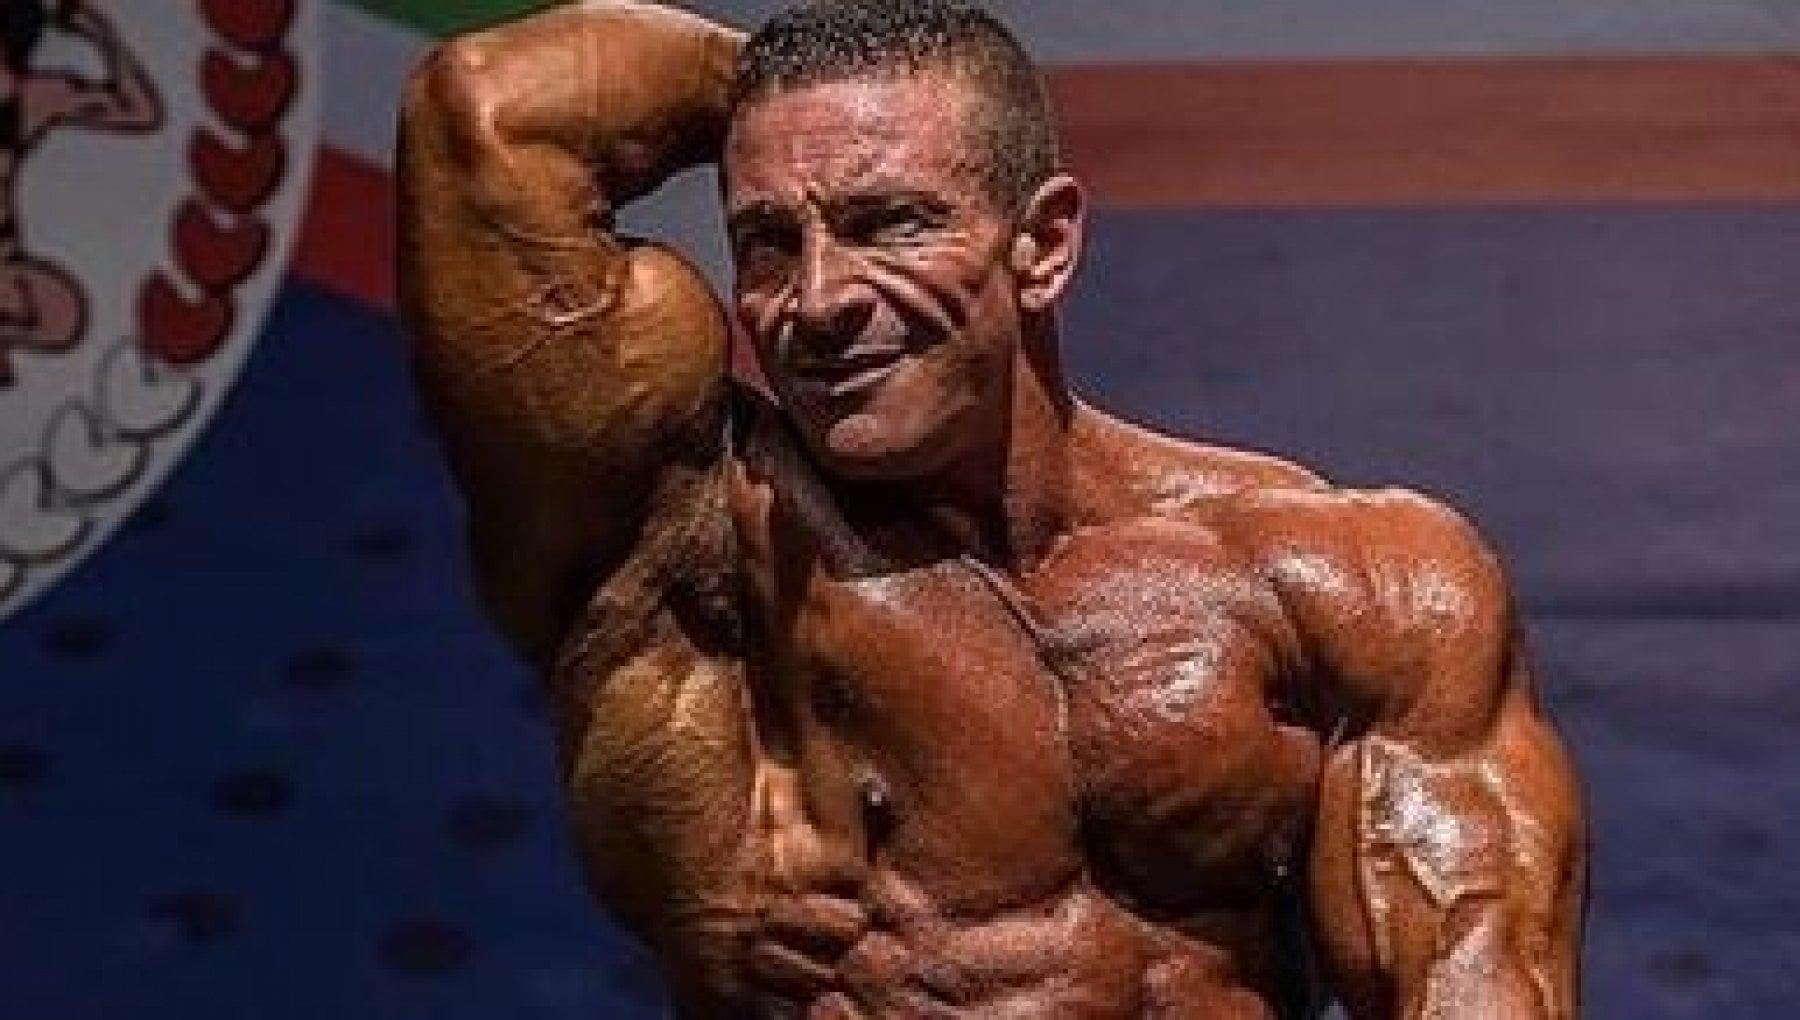 Trovato morto il campione di body building Alberto Clementi